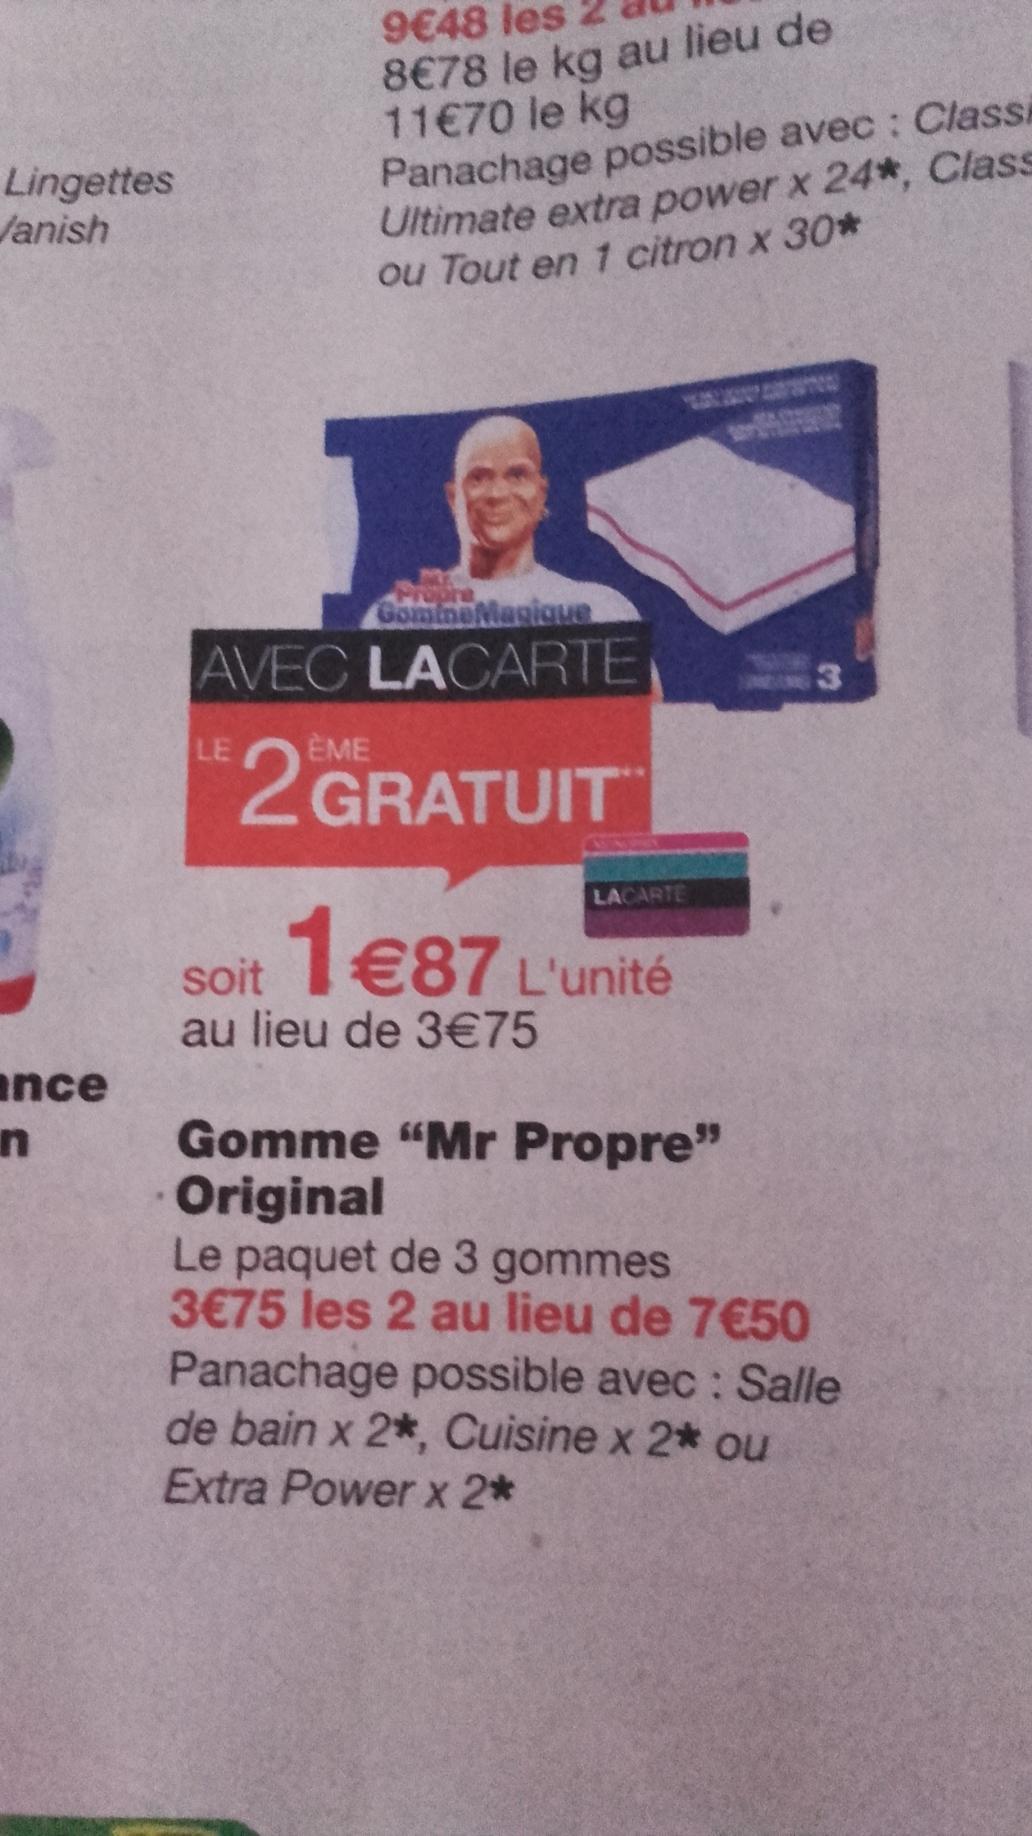 Lot de 2 Gommes Mr Propre (Via carte de fidélité + BDR)